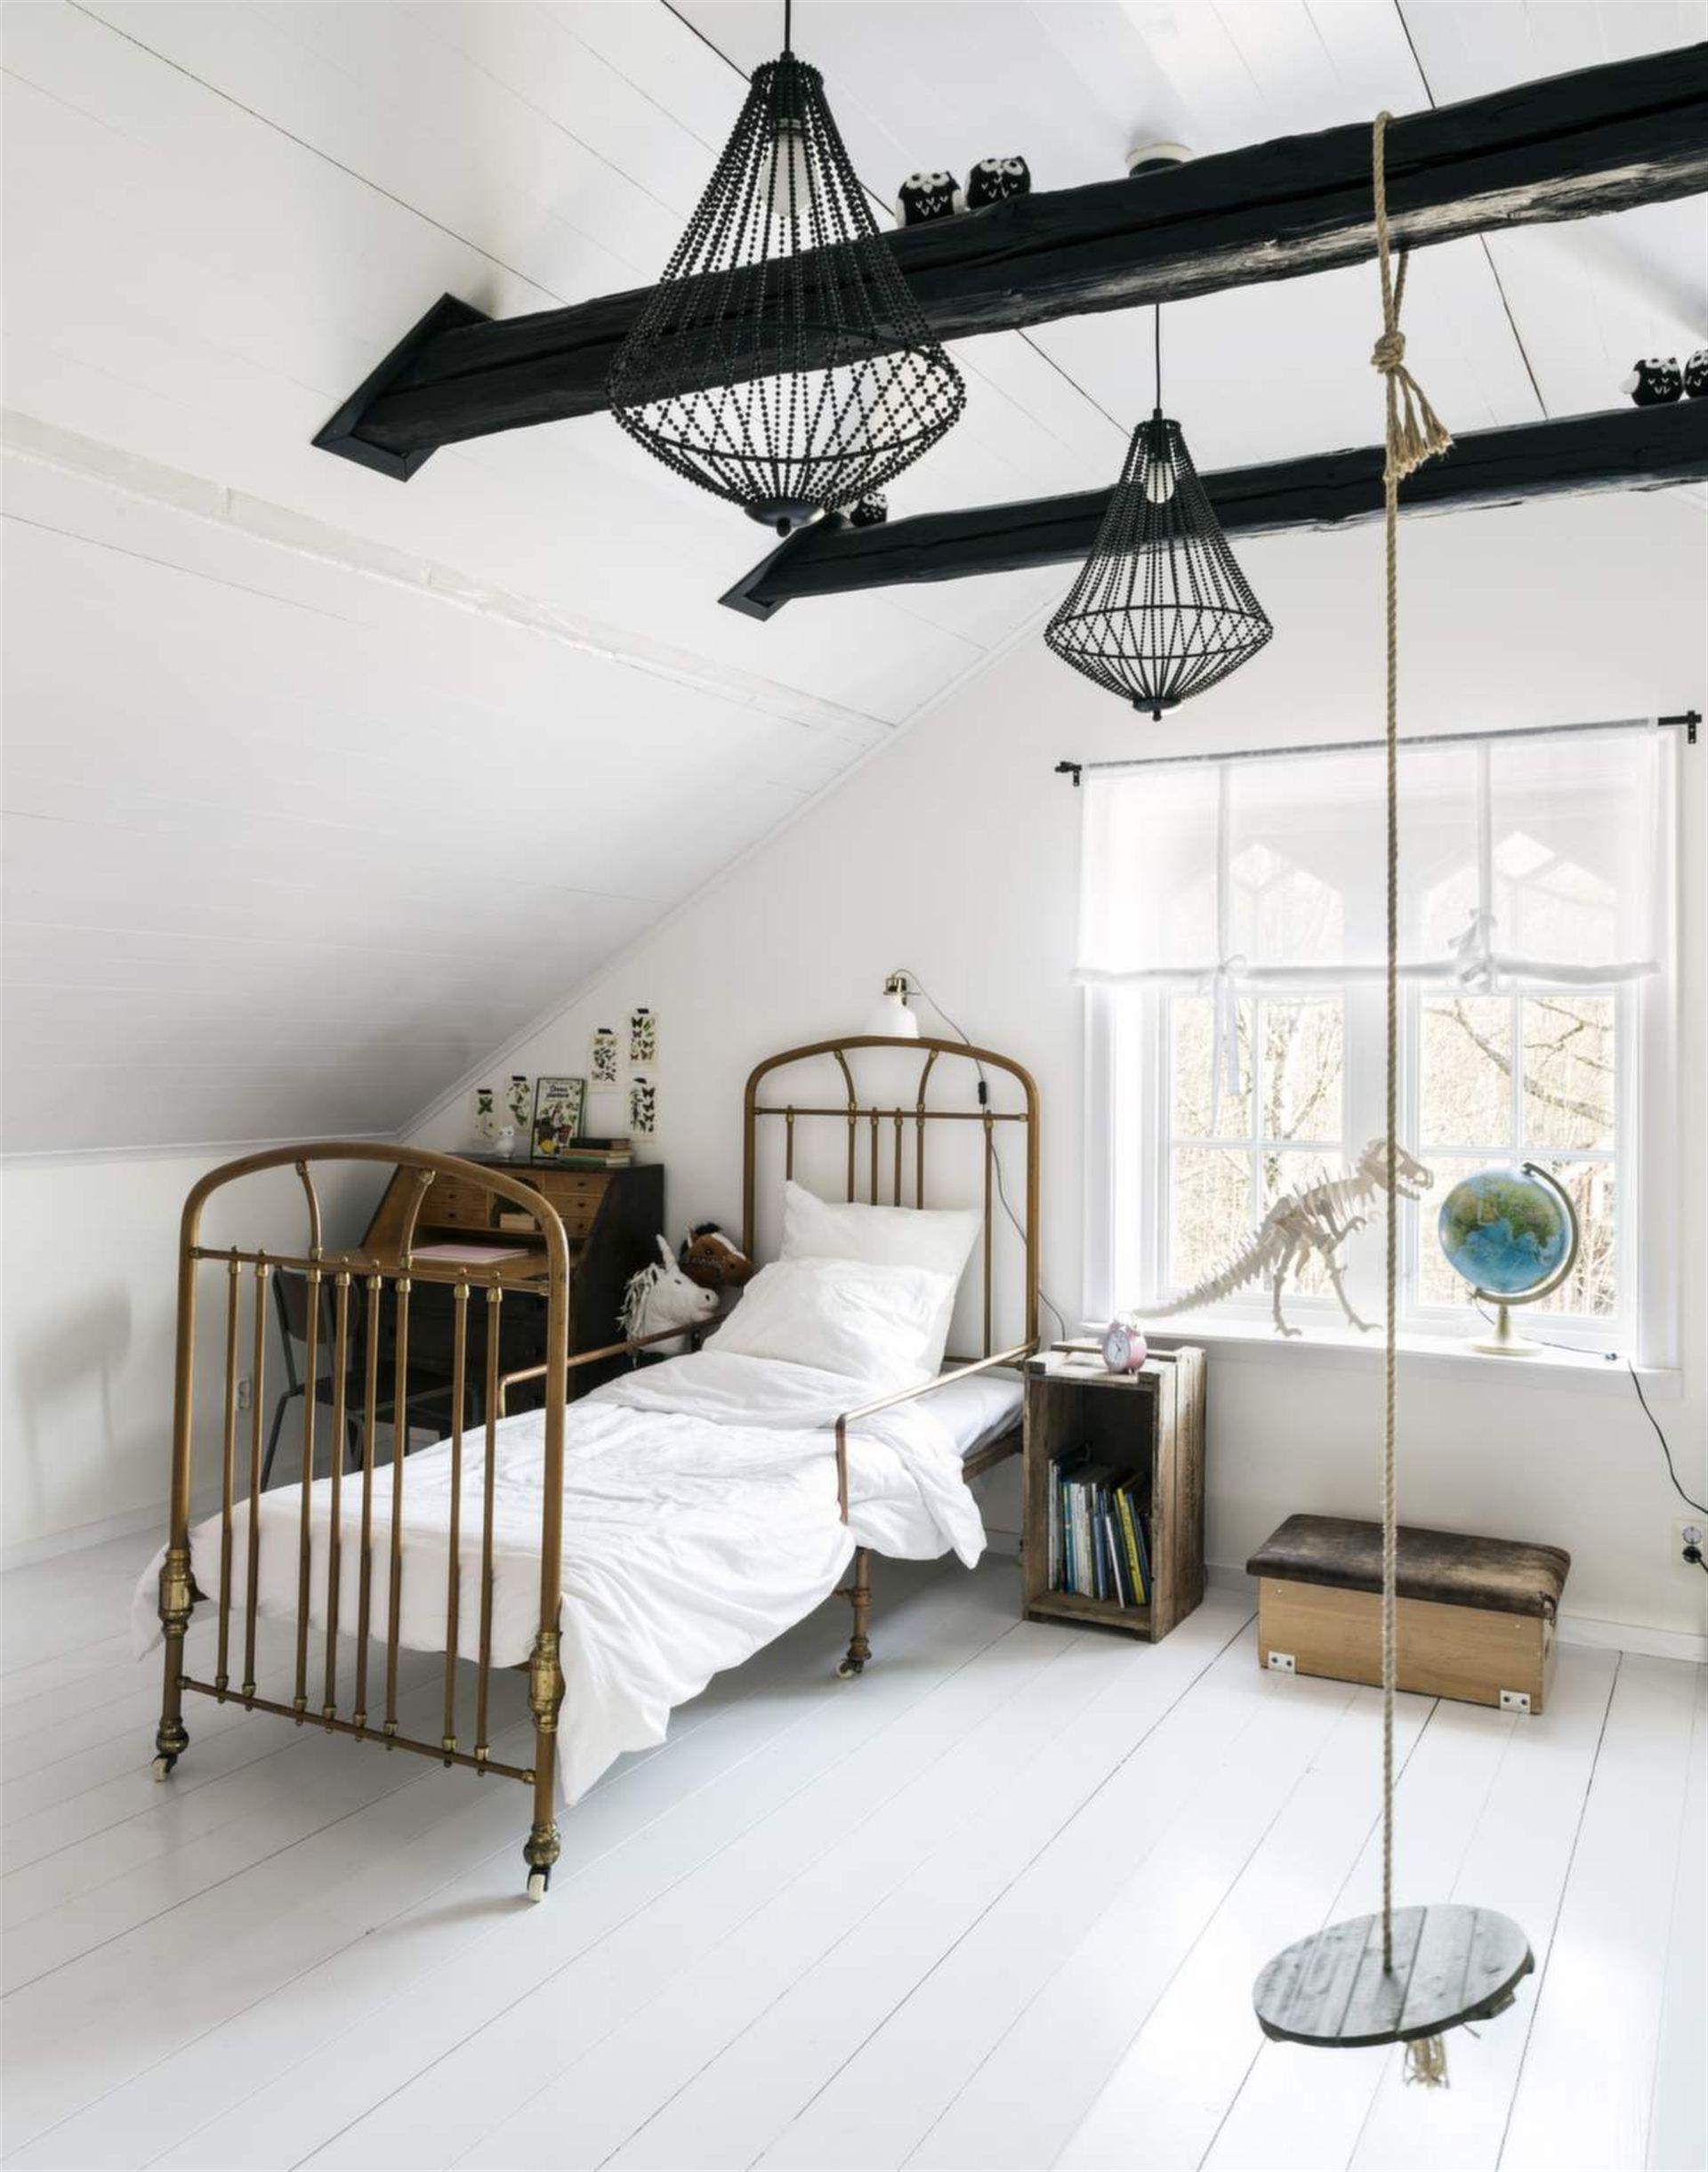 Chambre d 39 enfant monochrome blanche - Deco chambre d enfant ...